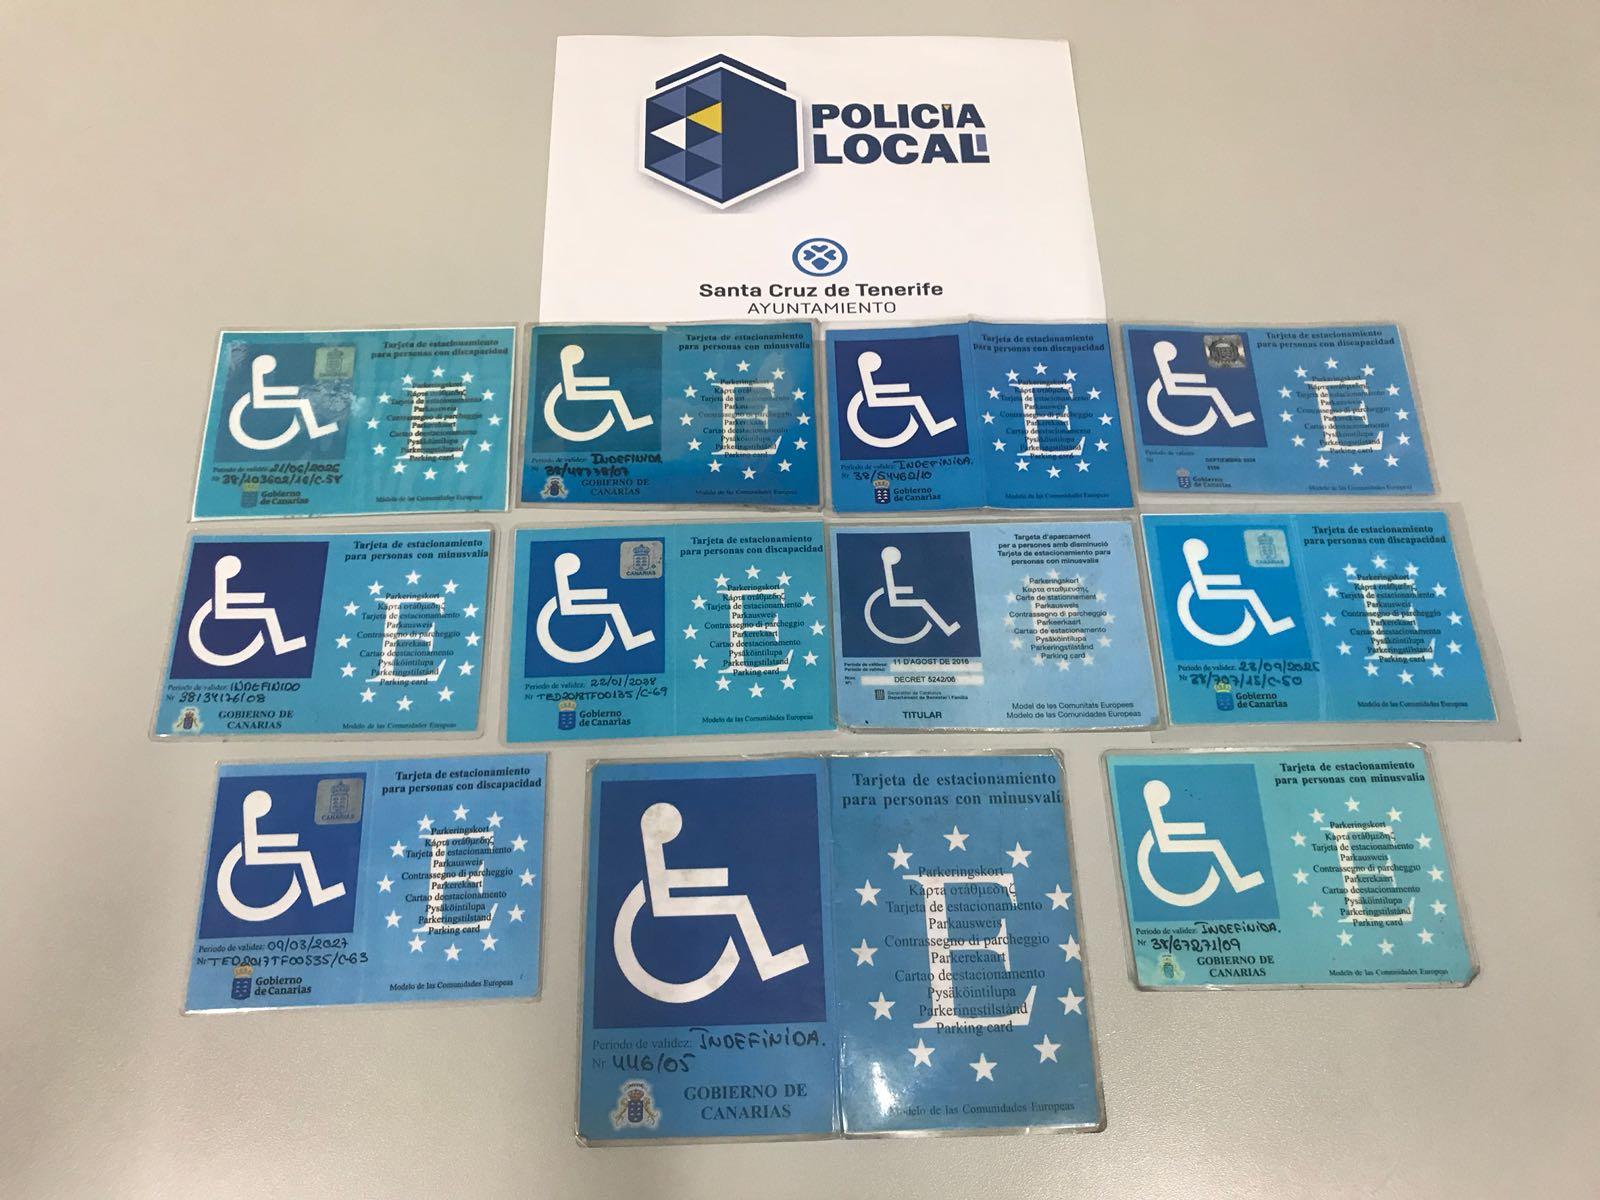 La Policía Local de Santa Cruz de Tenerife retira otras 14 tarjetas falsas para el uso de reservados de PMR